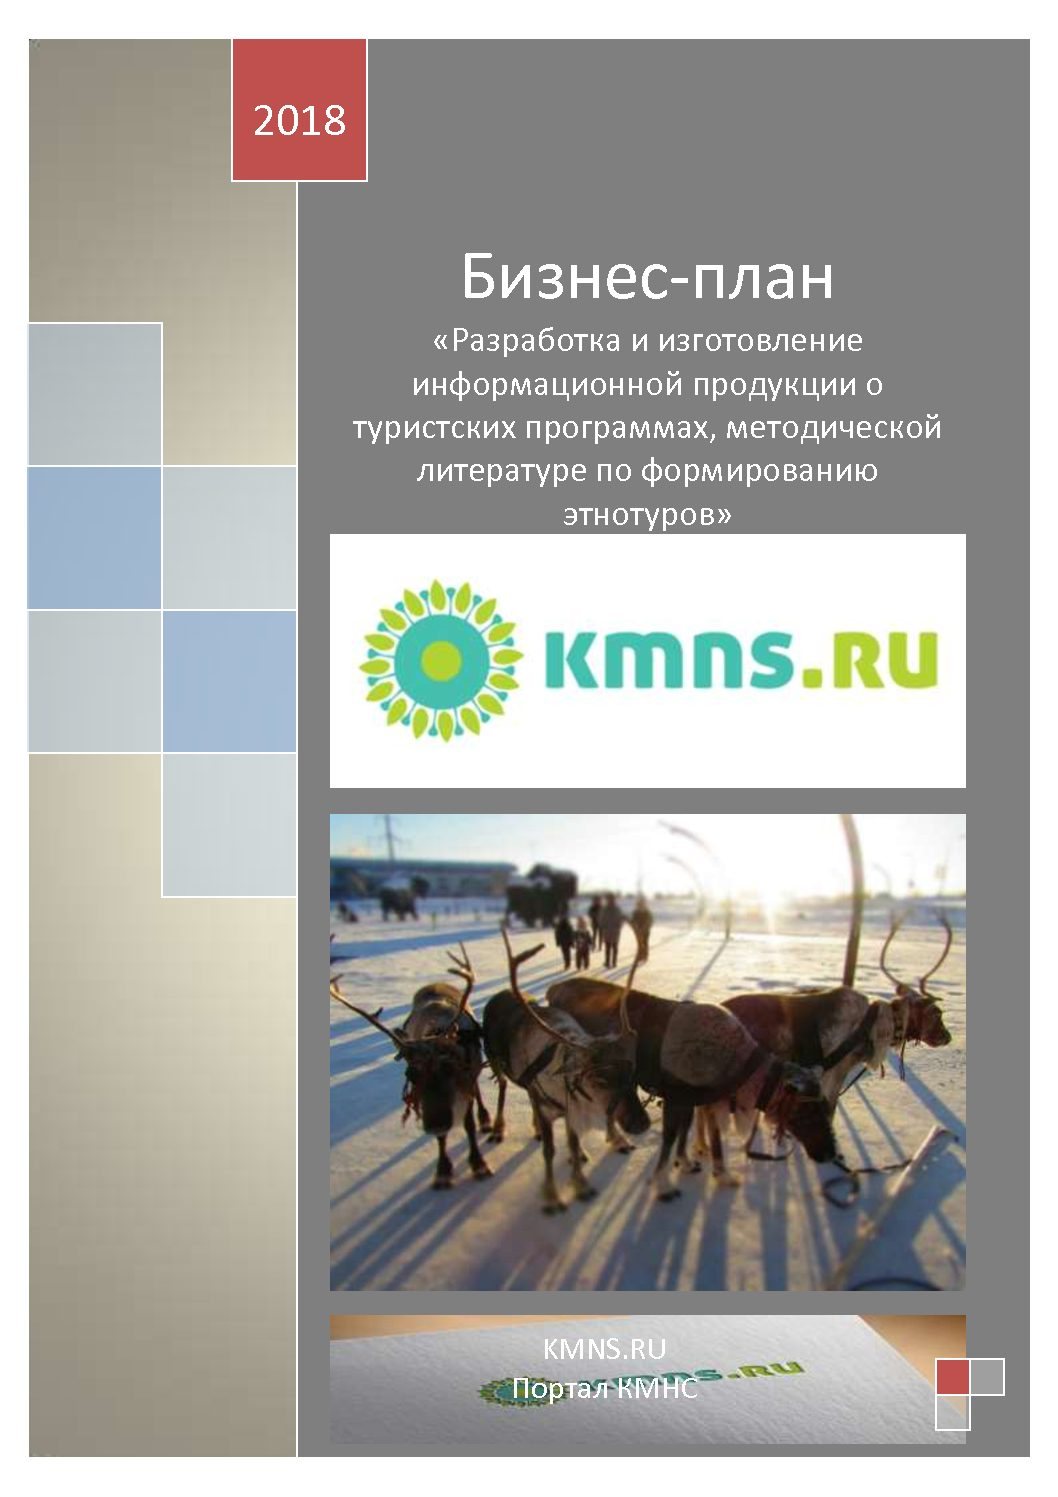 Бизнес-план «Разработка и изготовление информационной продукции о туристских программах, методической литературе по формированию этнотуров»